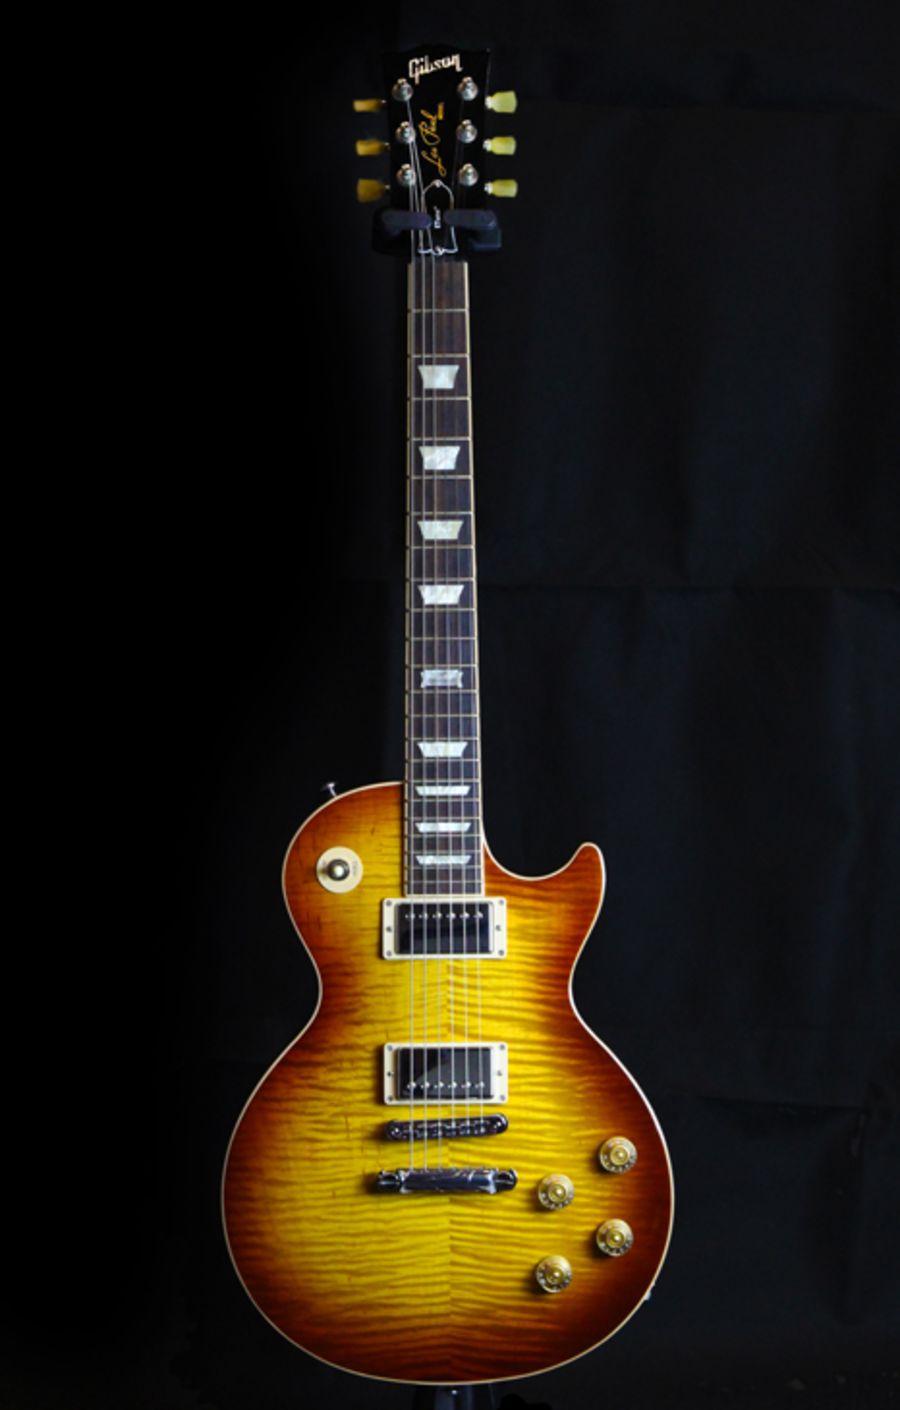 SOLD - 2014 Gibson Les Paul Standard - Honet Burst